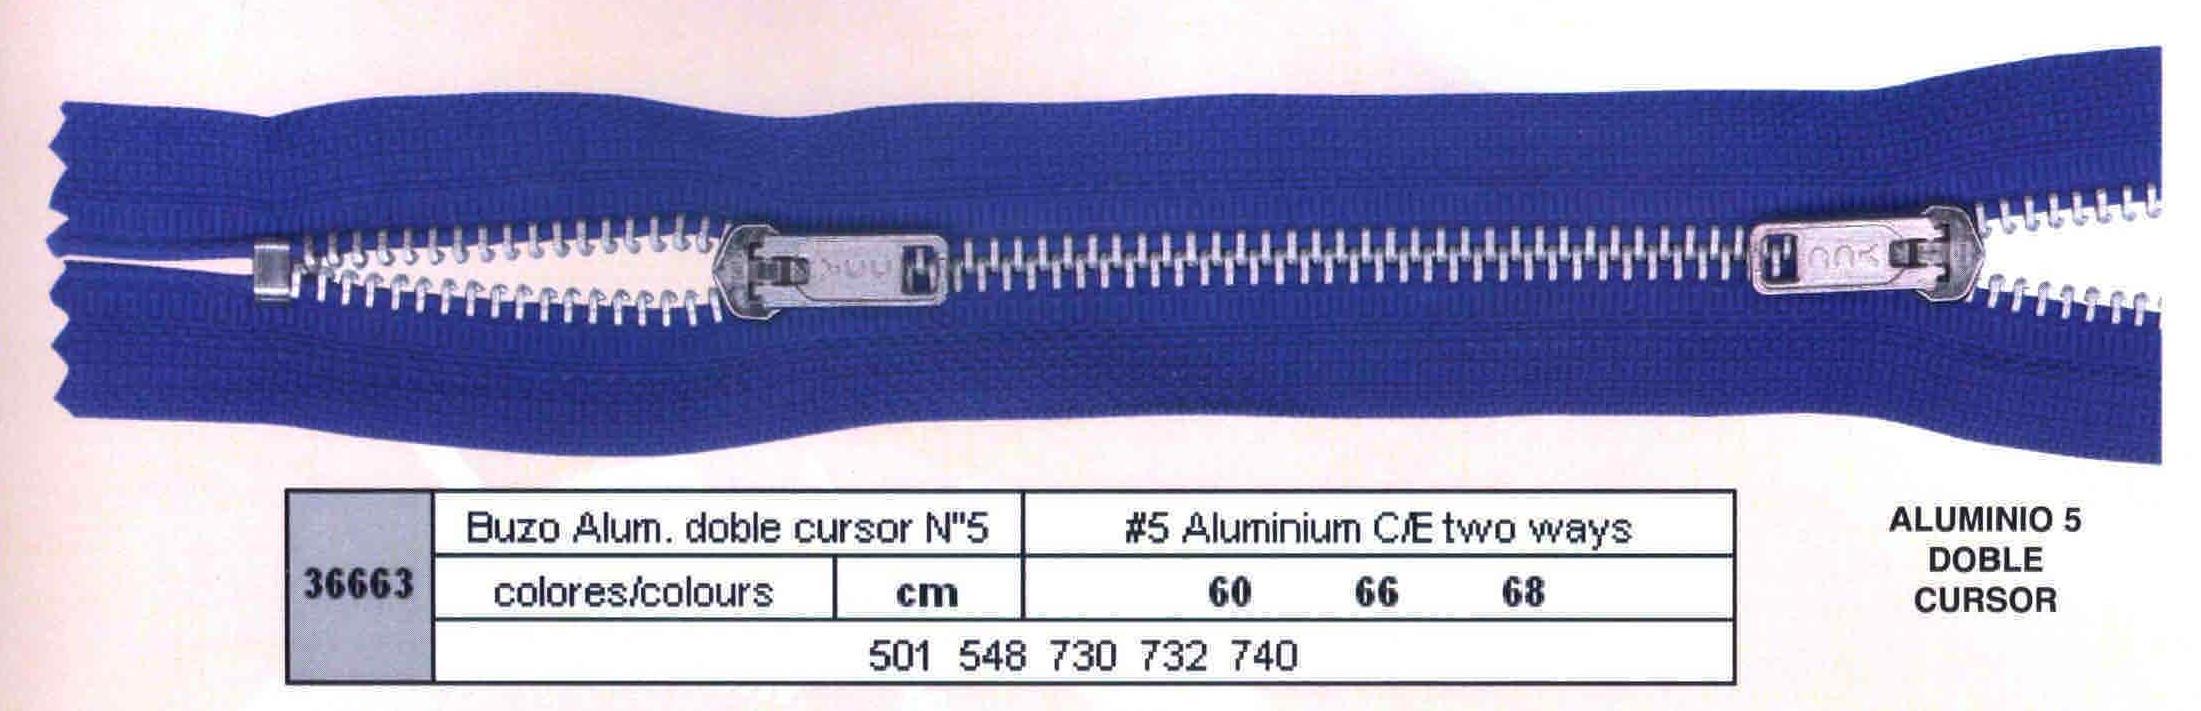 Cremallera SNS Buzo Doble num. 5 Aluminio